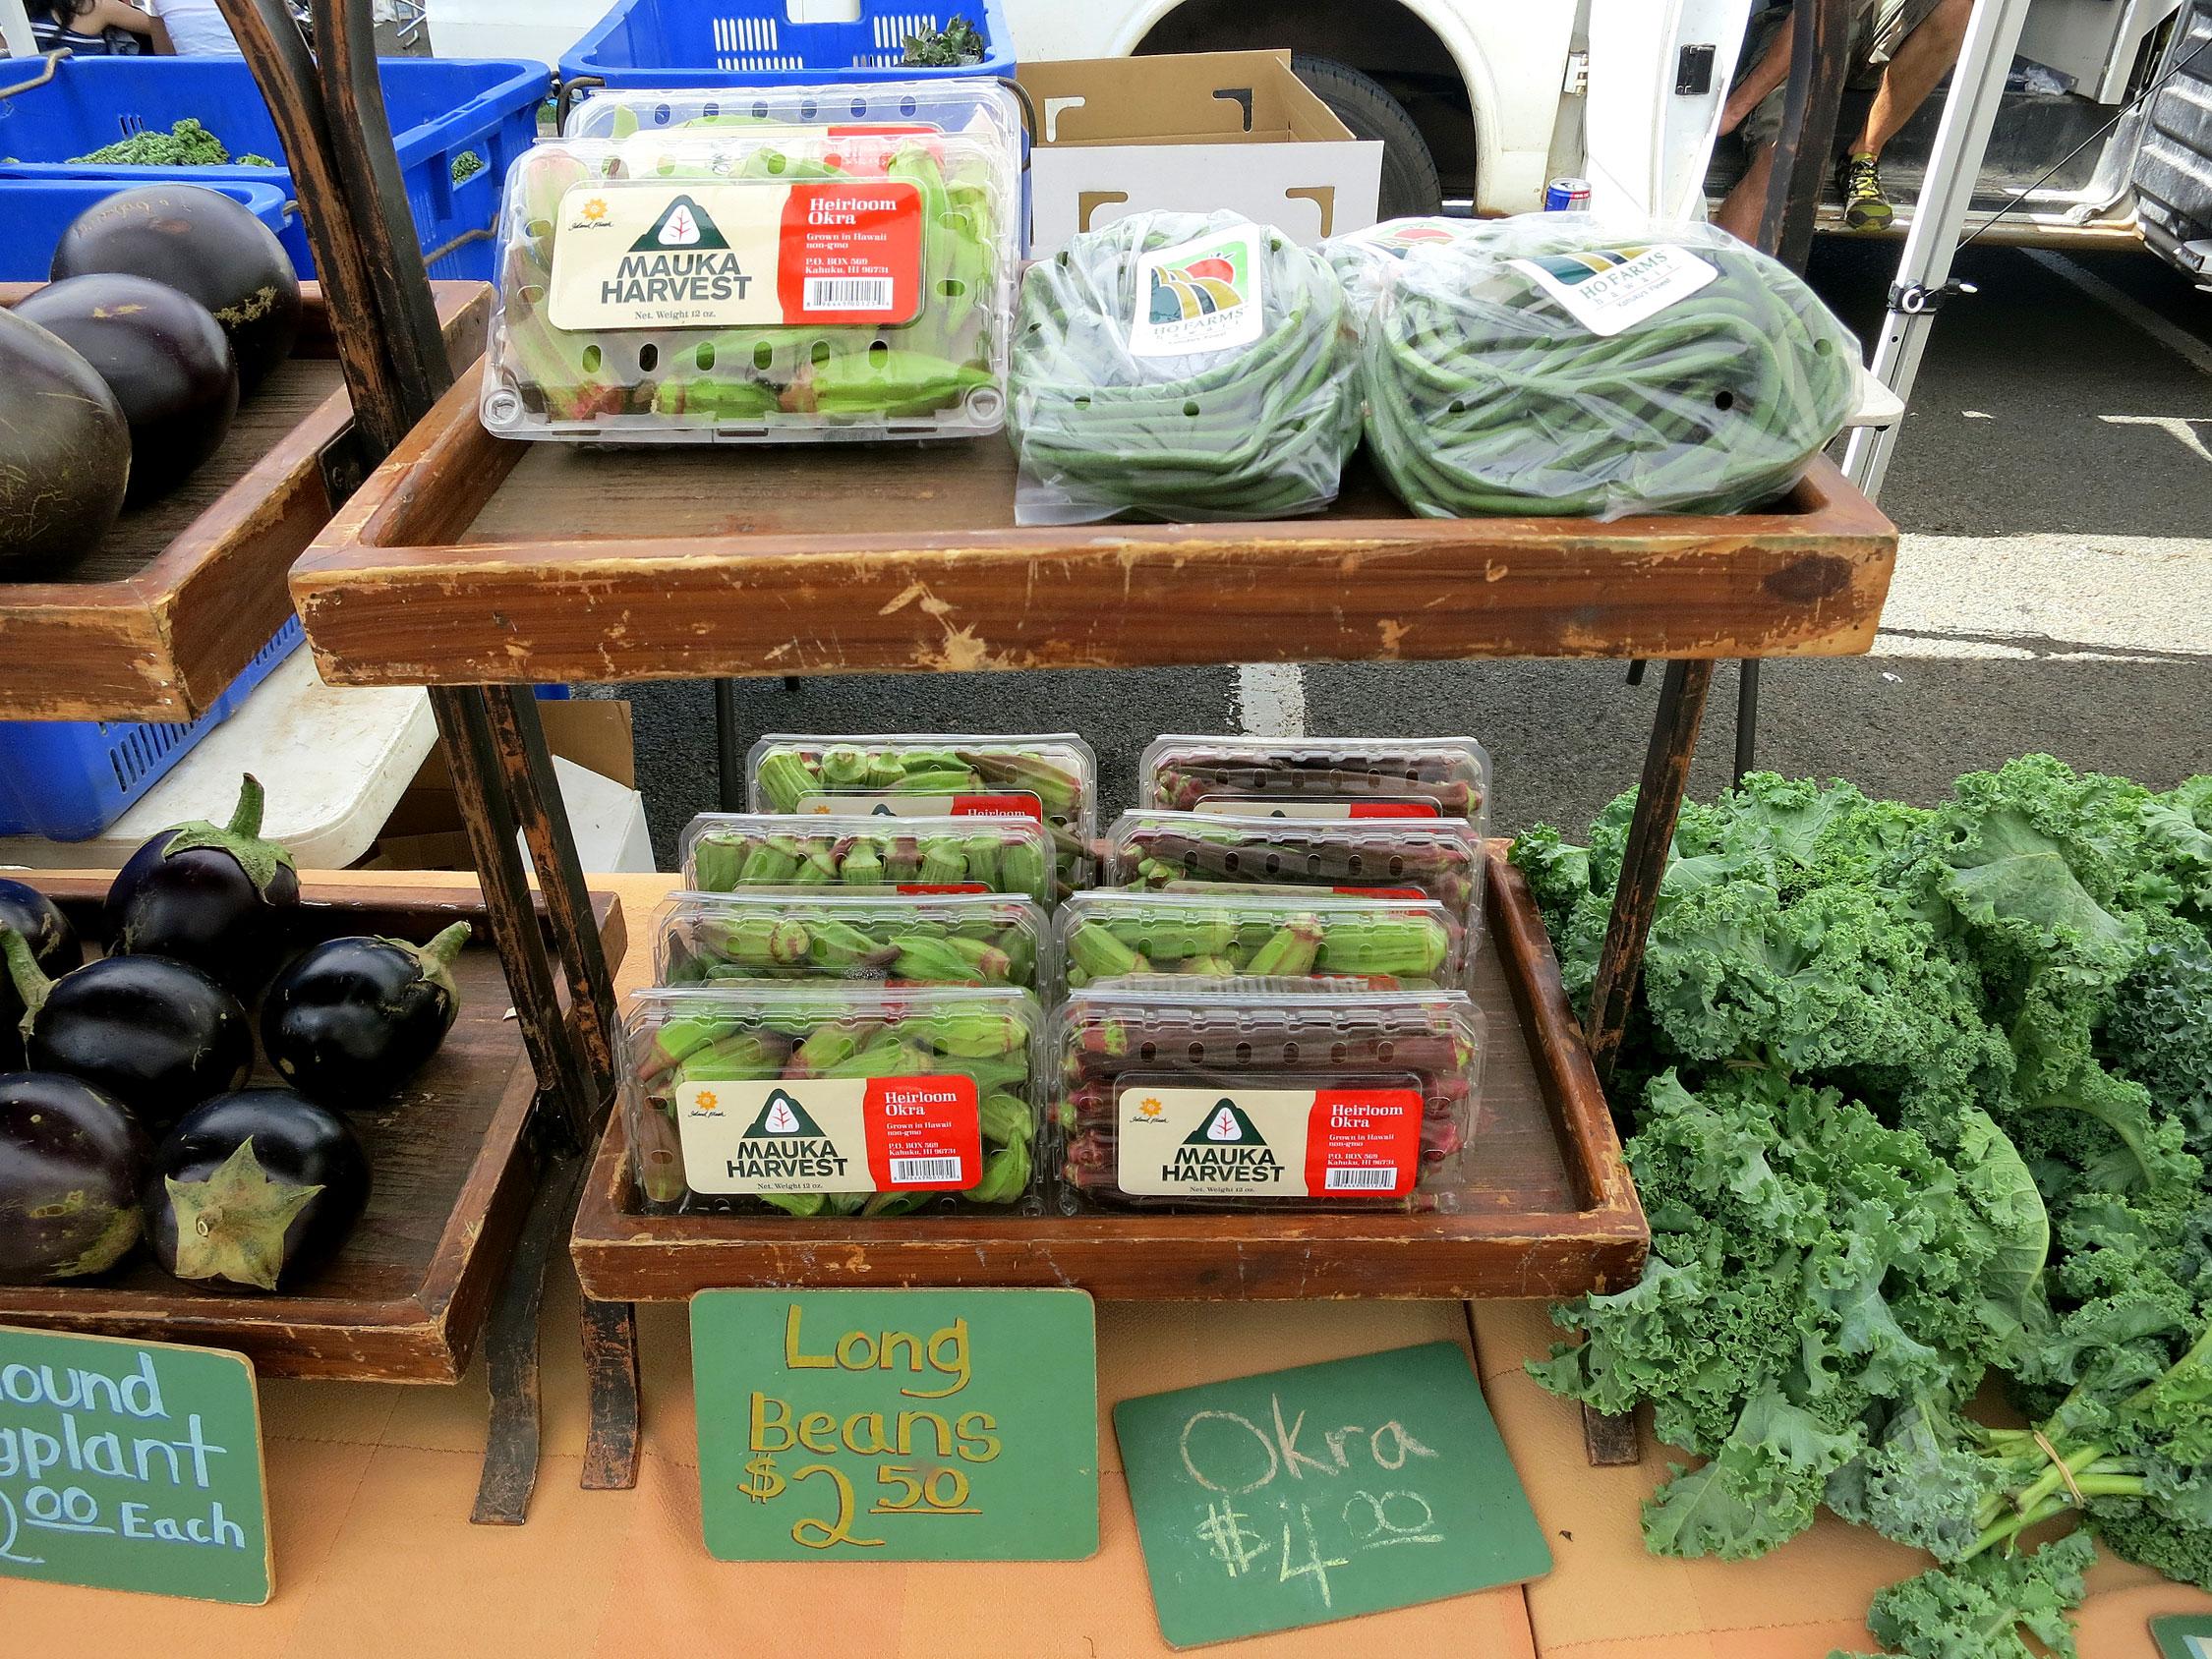 kcc farmers market vendor application